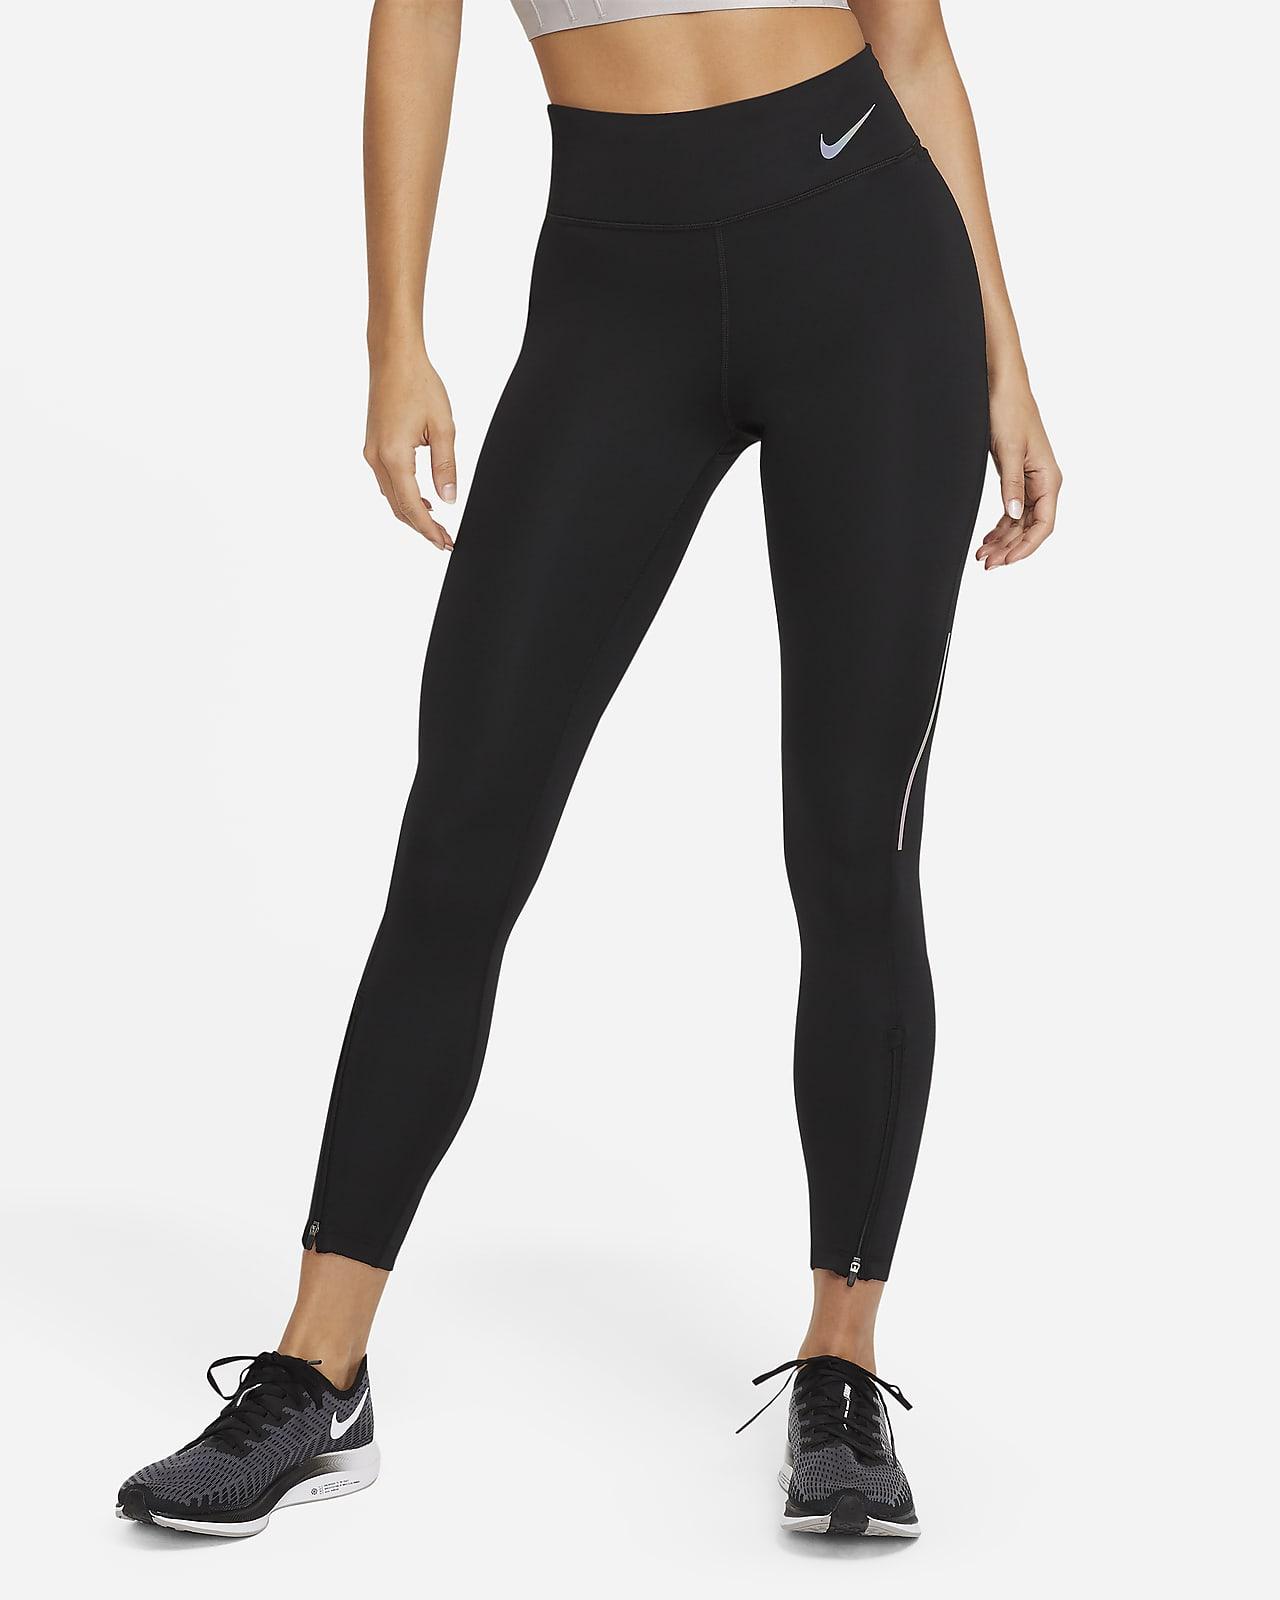 Nike Epic Faster 7/8-hardlooplegging met halfhoge taille voor dames